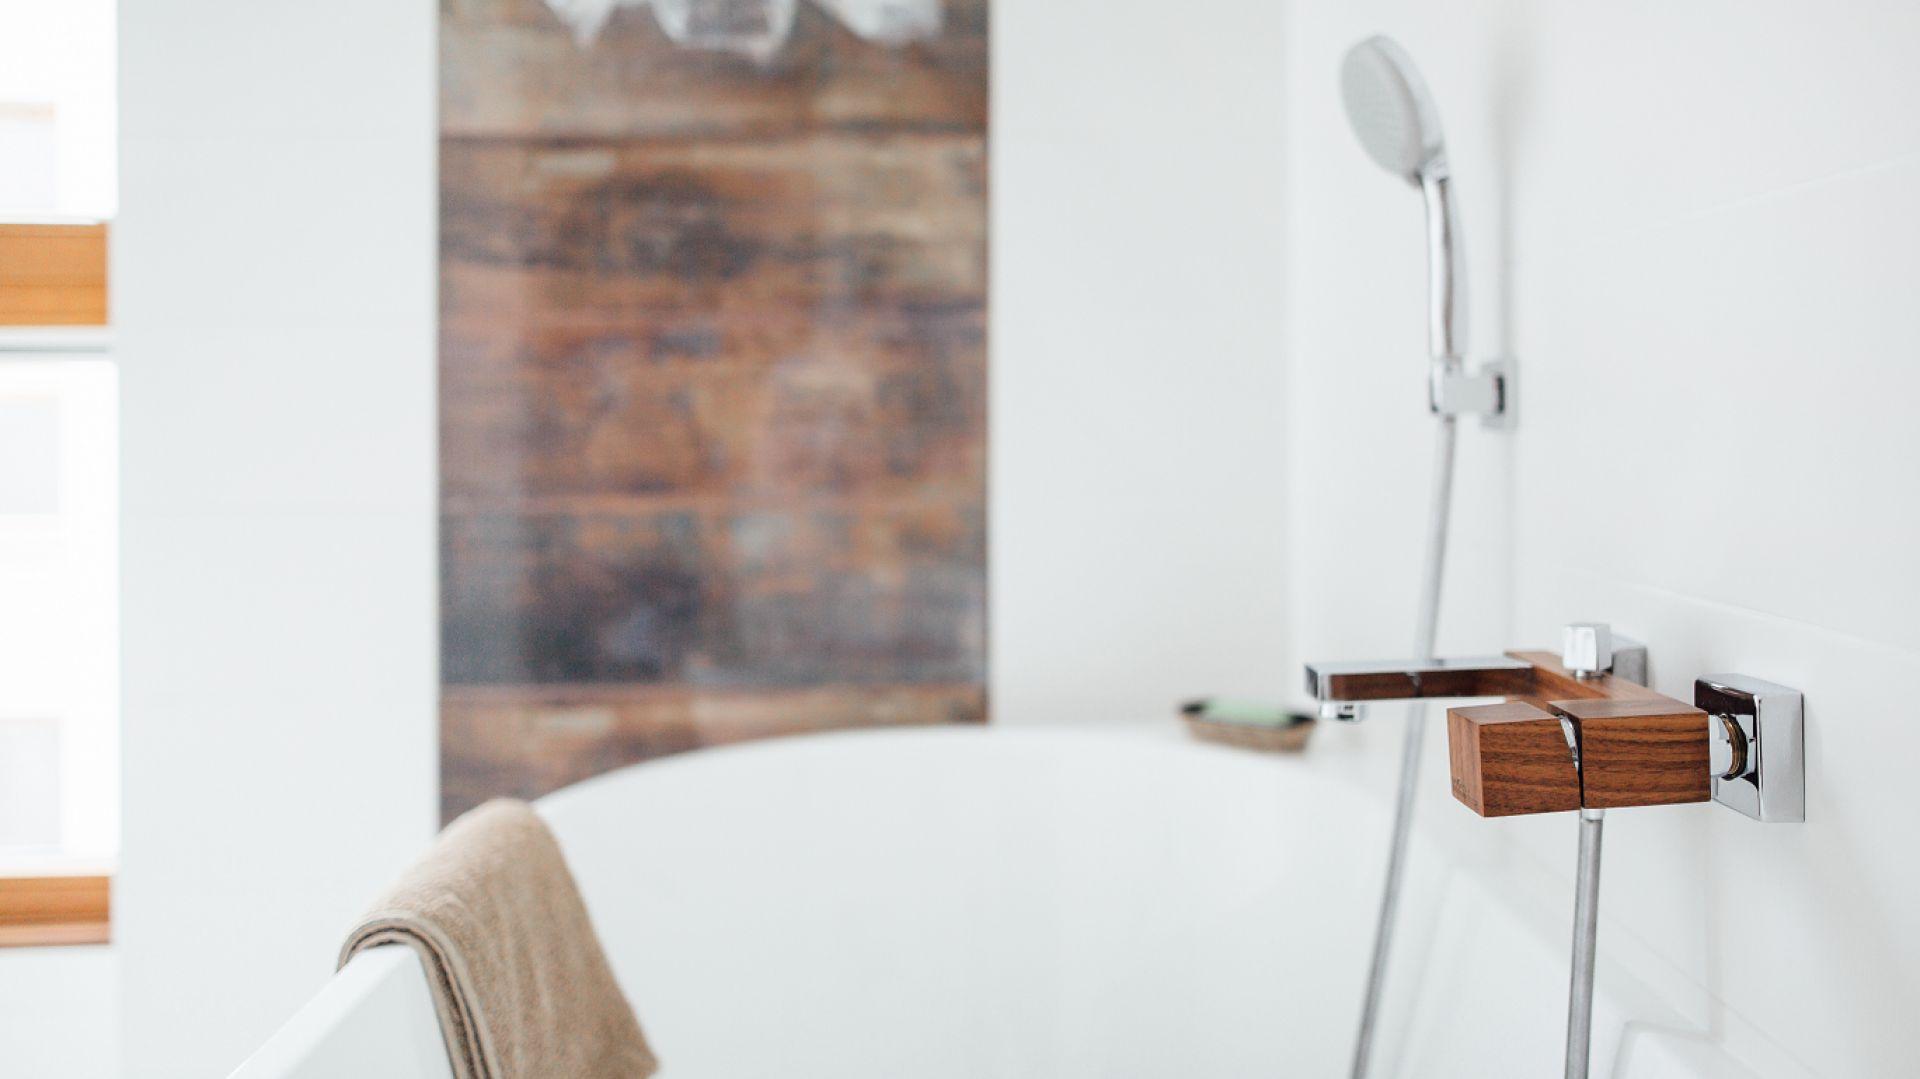 Pomysłowym i oryginalnym sposobem na wprowadzenie do łazienki drewnianego detalu jest... armatura łazienkowa. Na zdjęciu bateria wannowa wykończona naturalnym fornirem z oferty firmy Green Home Design. Fot. Green Home Design